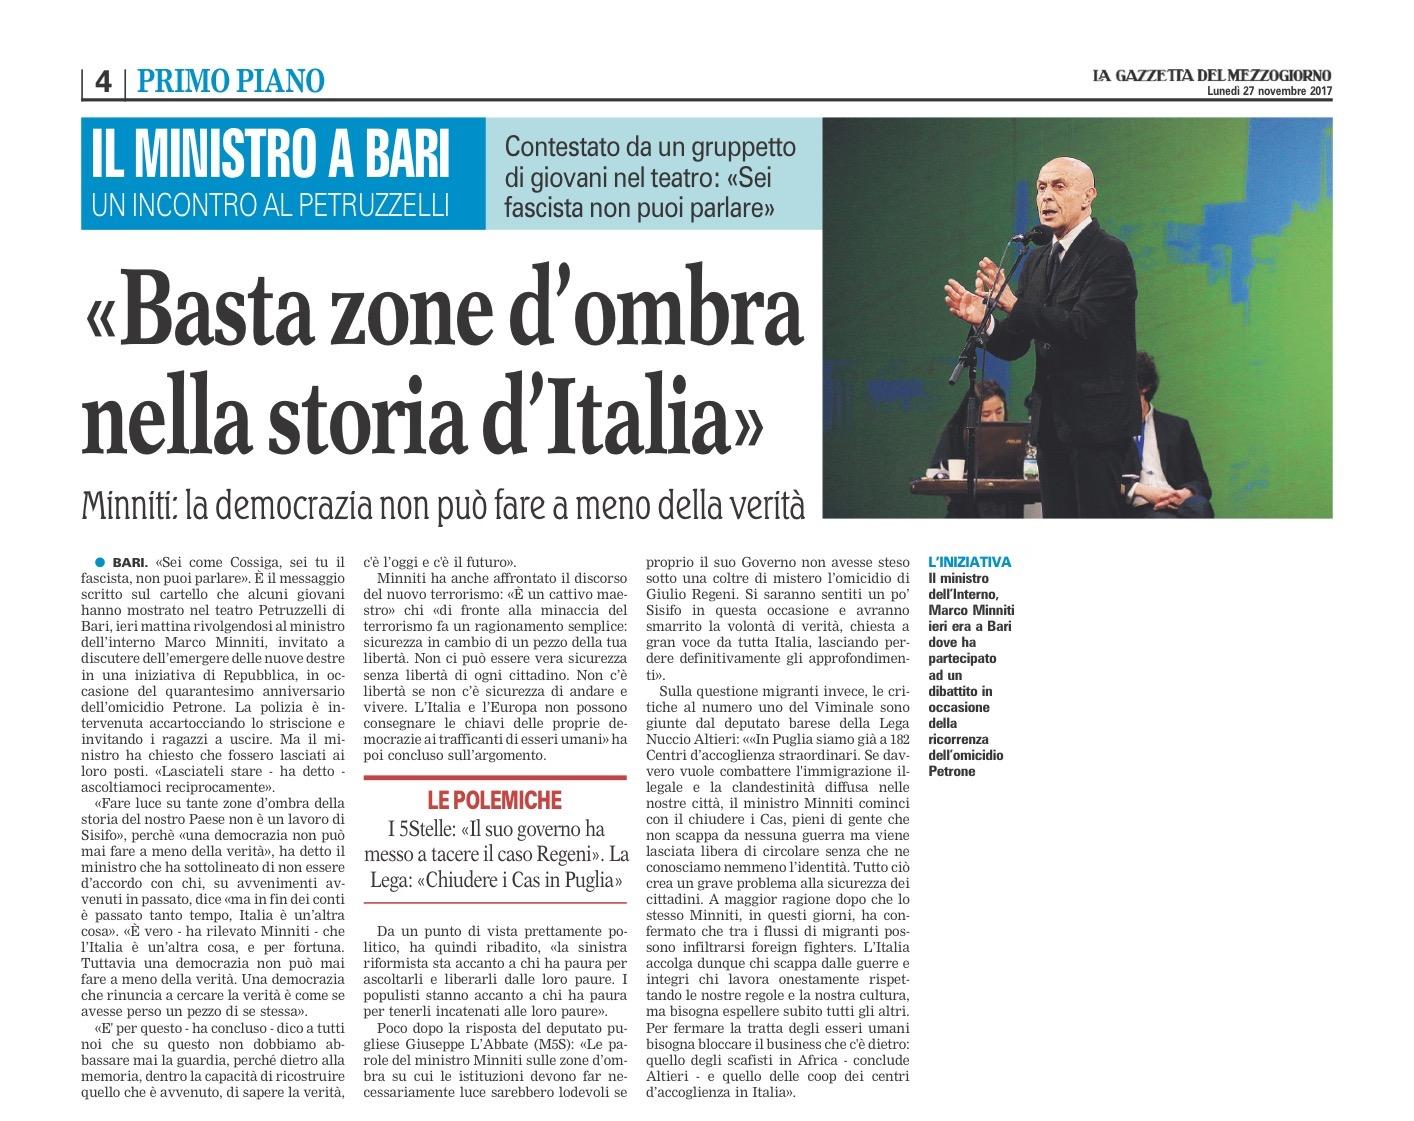 La Gazzetta del Mezzogiorno - 27.11.2017